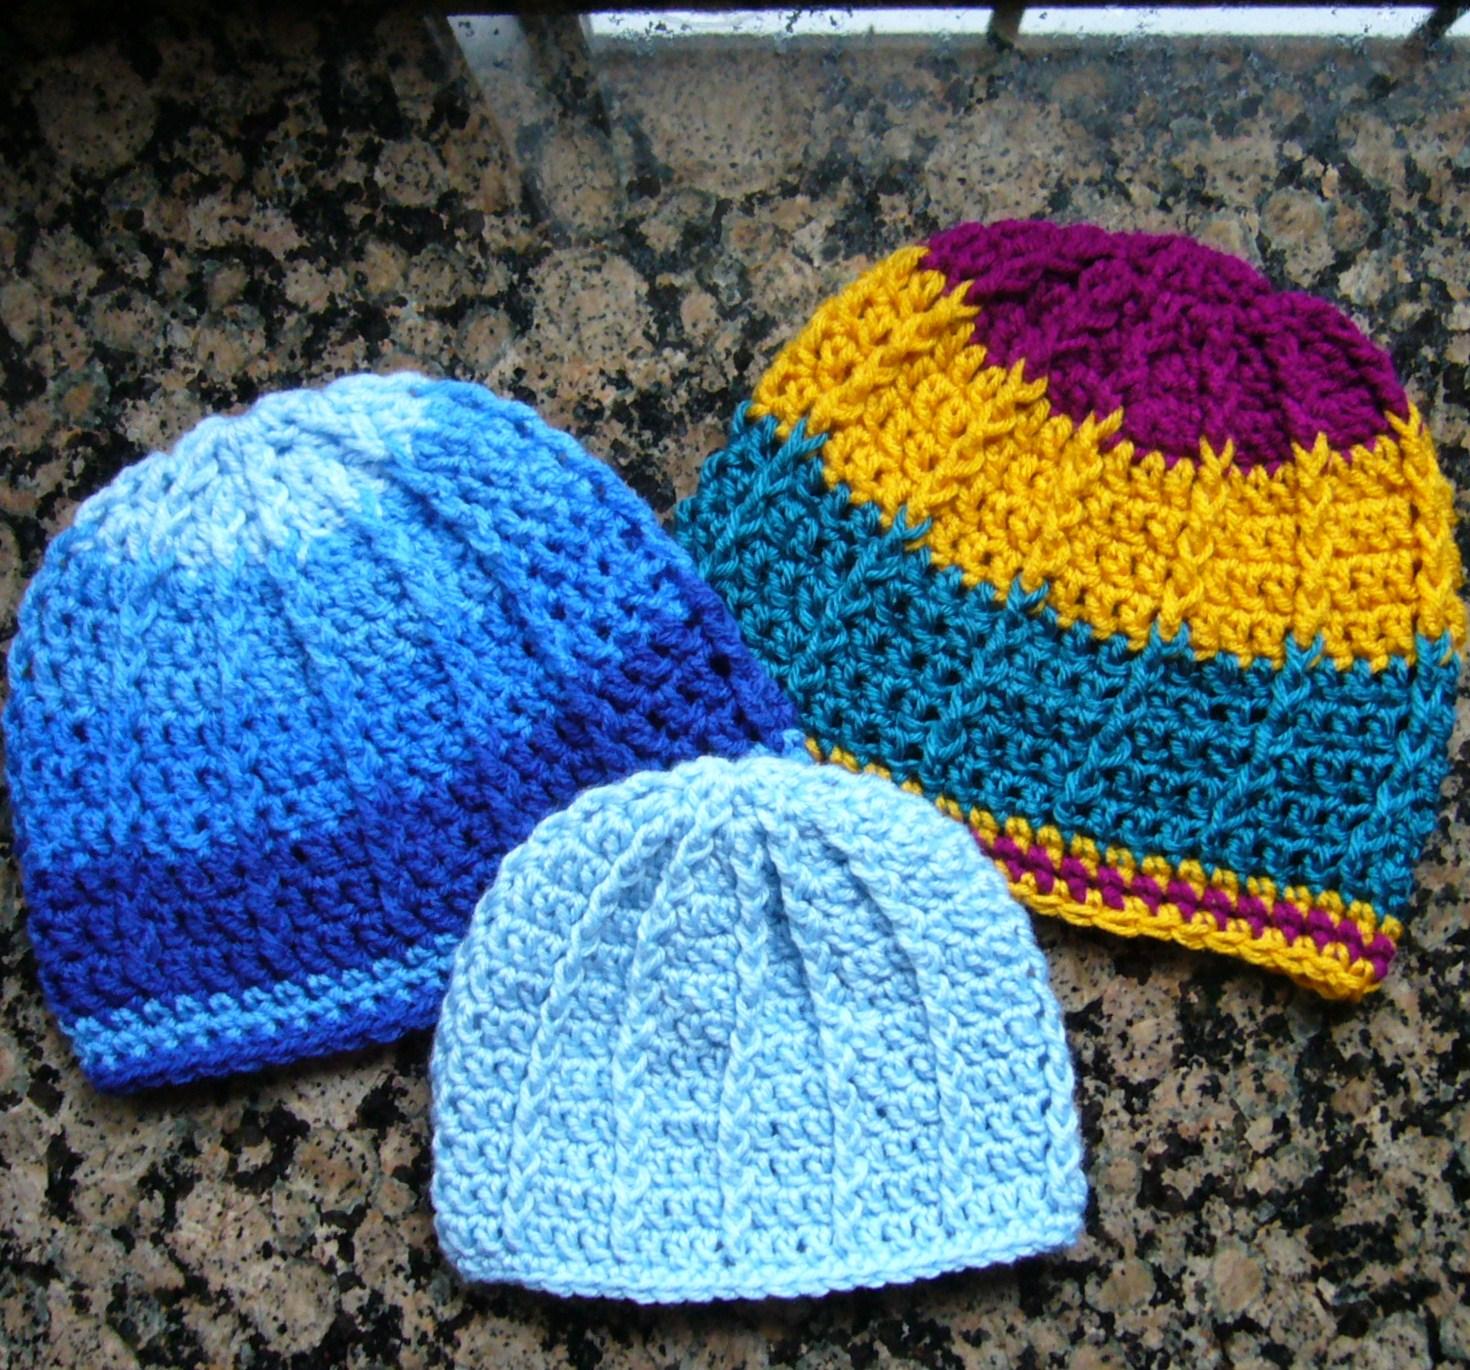 Easy Double Crochet Beanie Pattern - Parchment N Lead 1516f037dfe